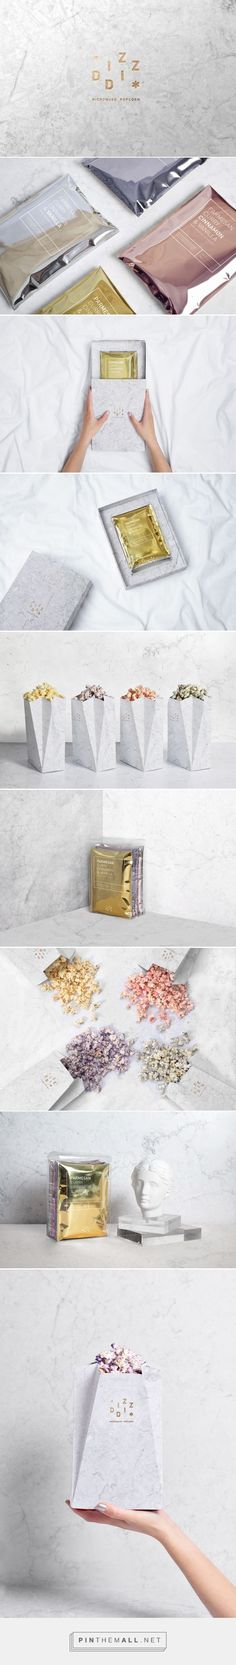 Diz-Diz Popcorn by TATABI Studio